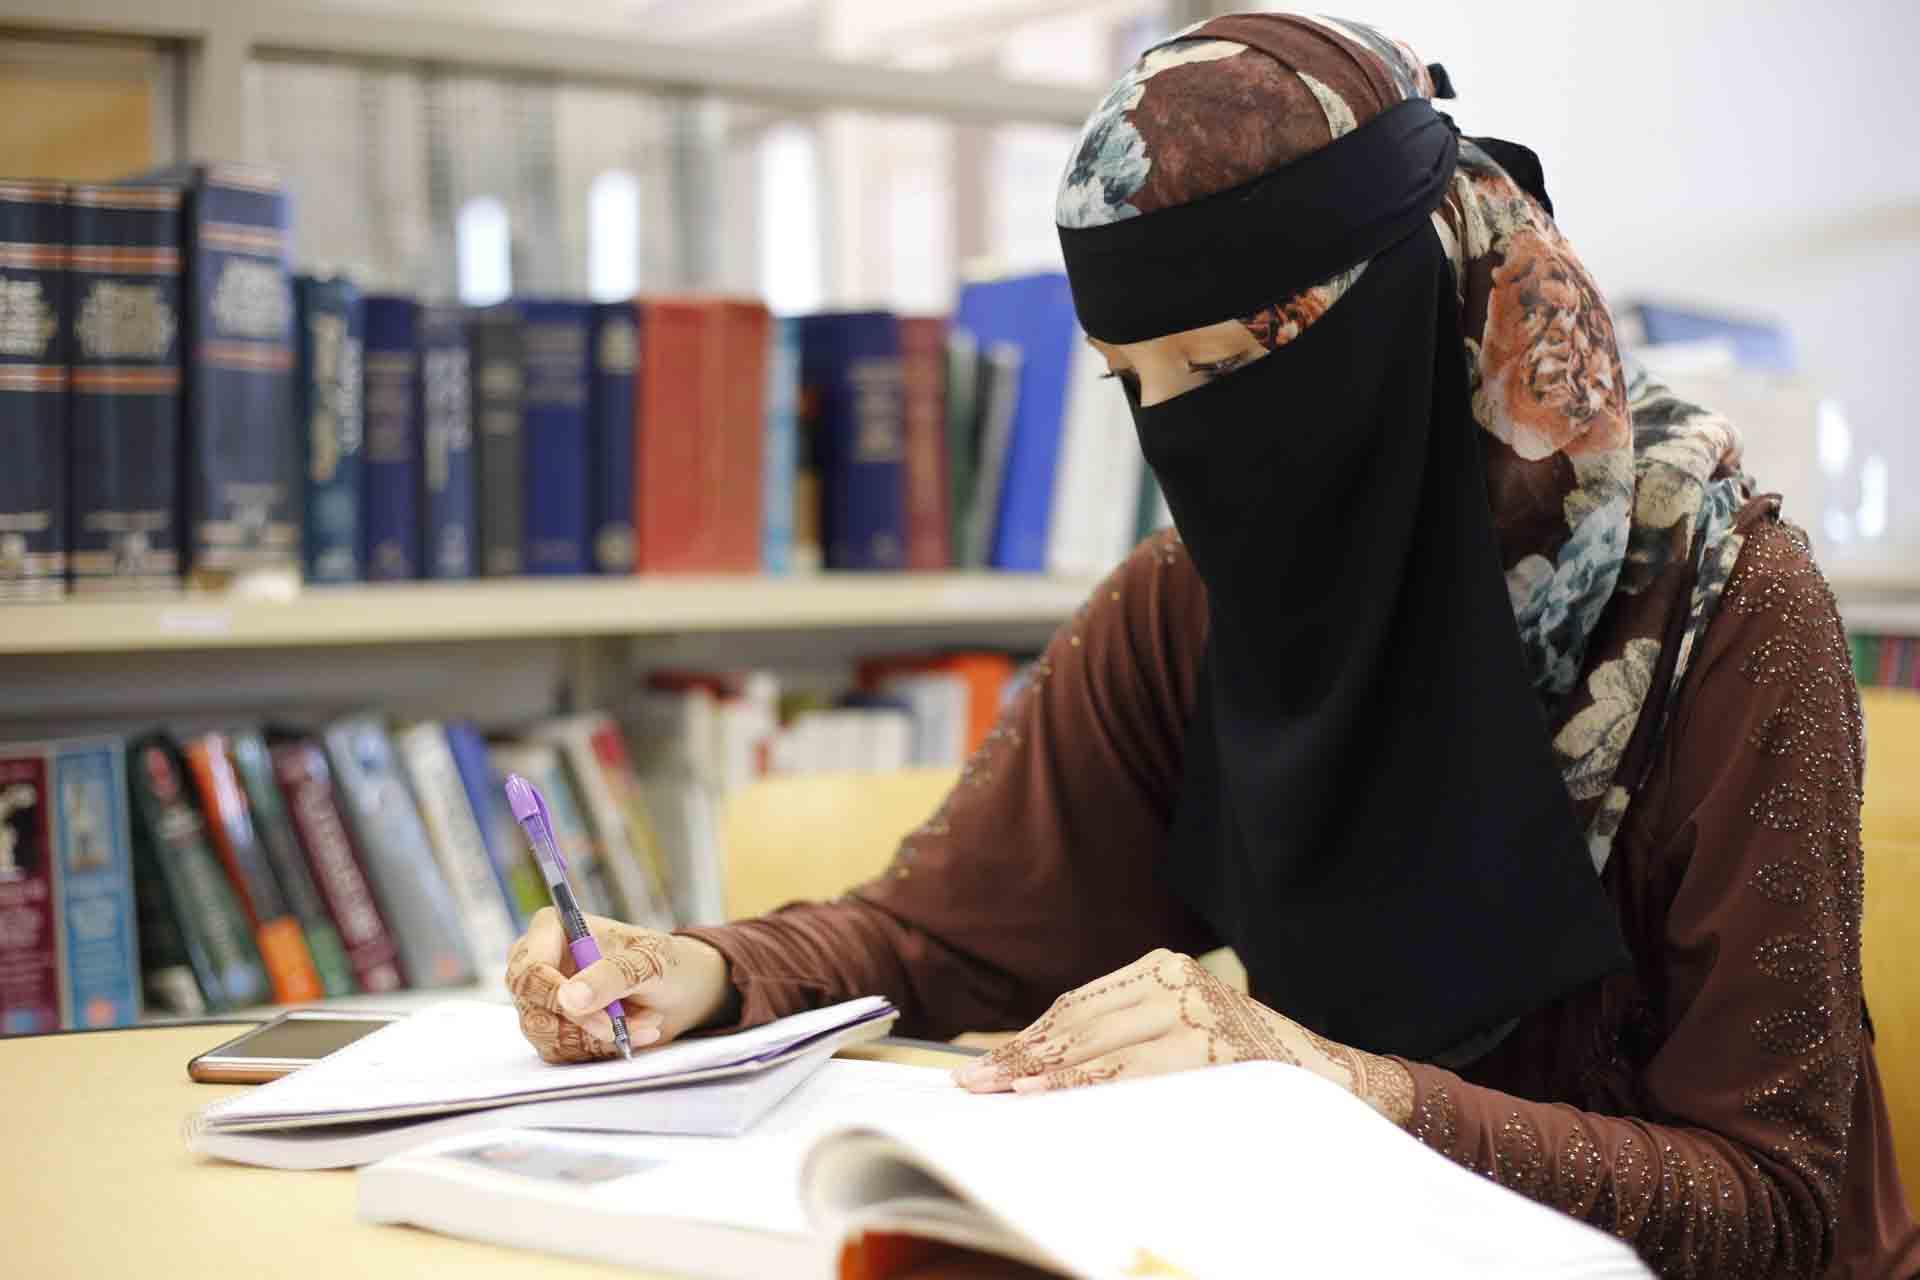 Mahasiswi muslimah menikah kuliah s2